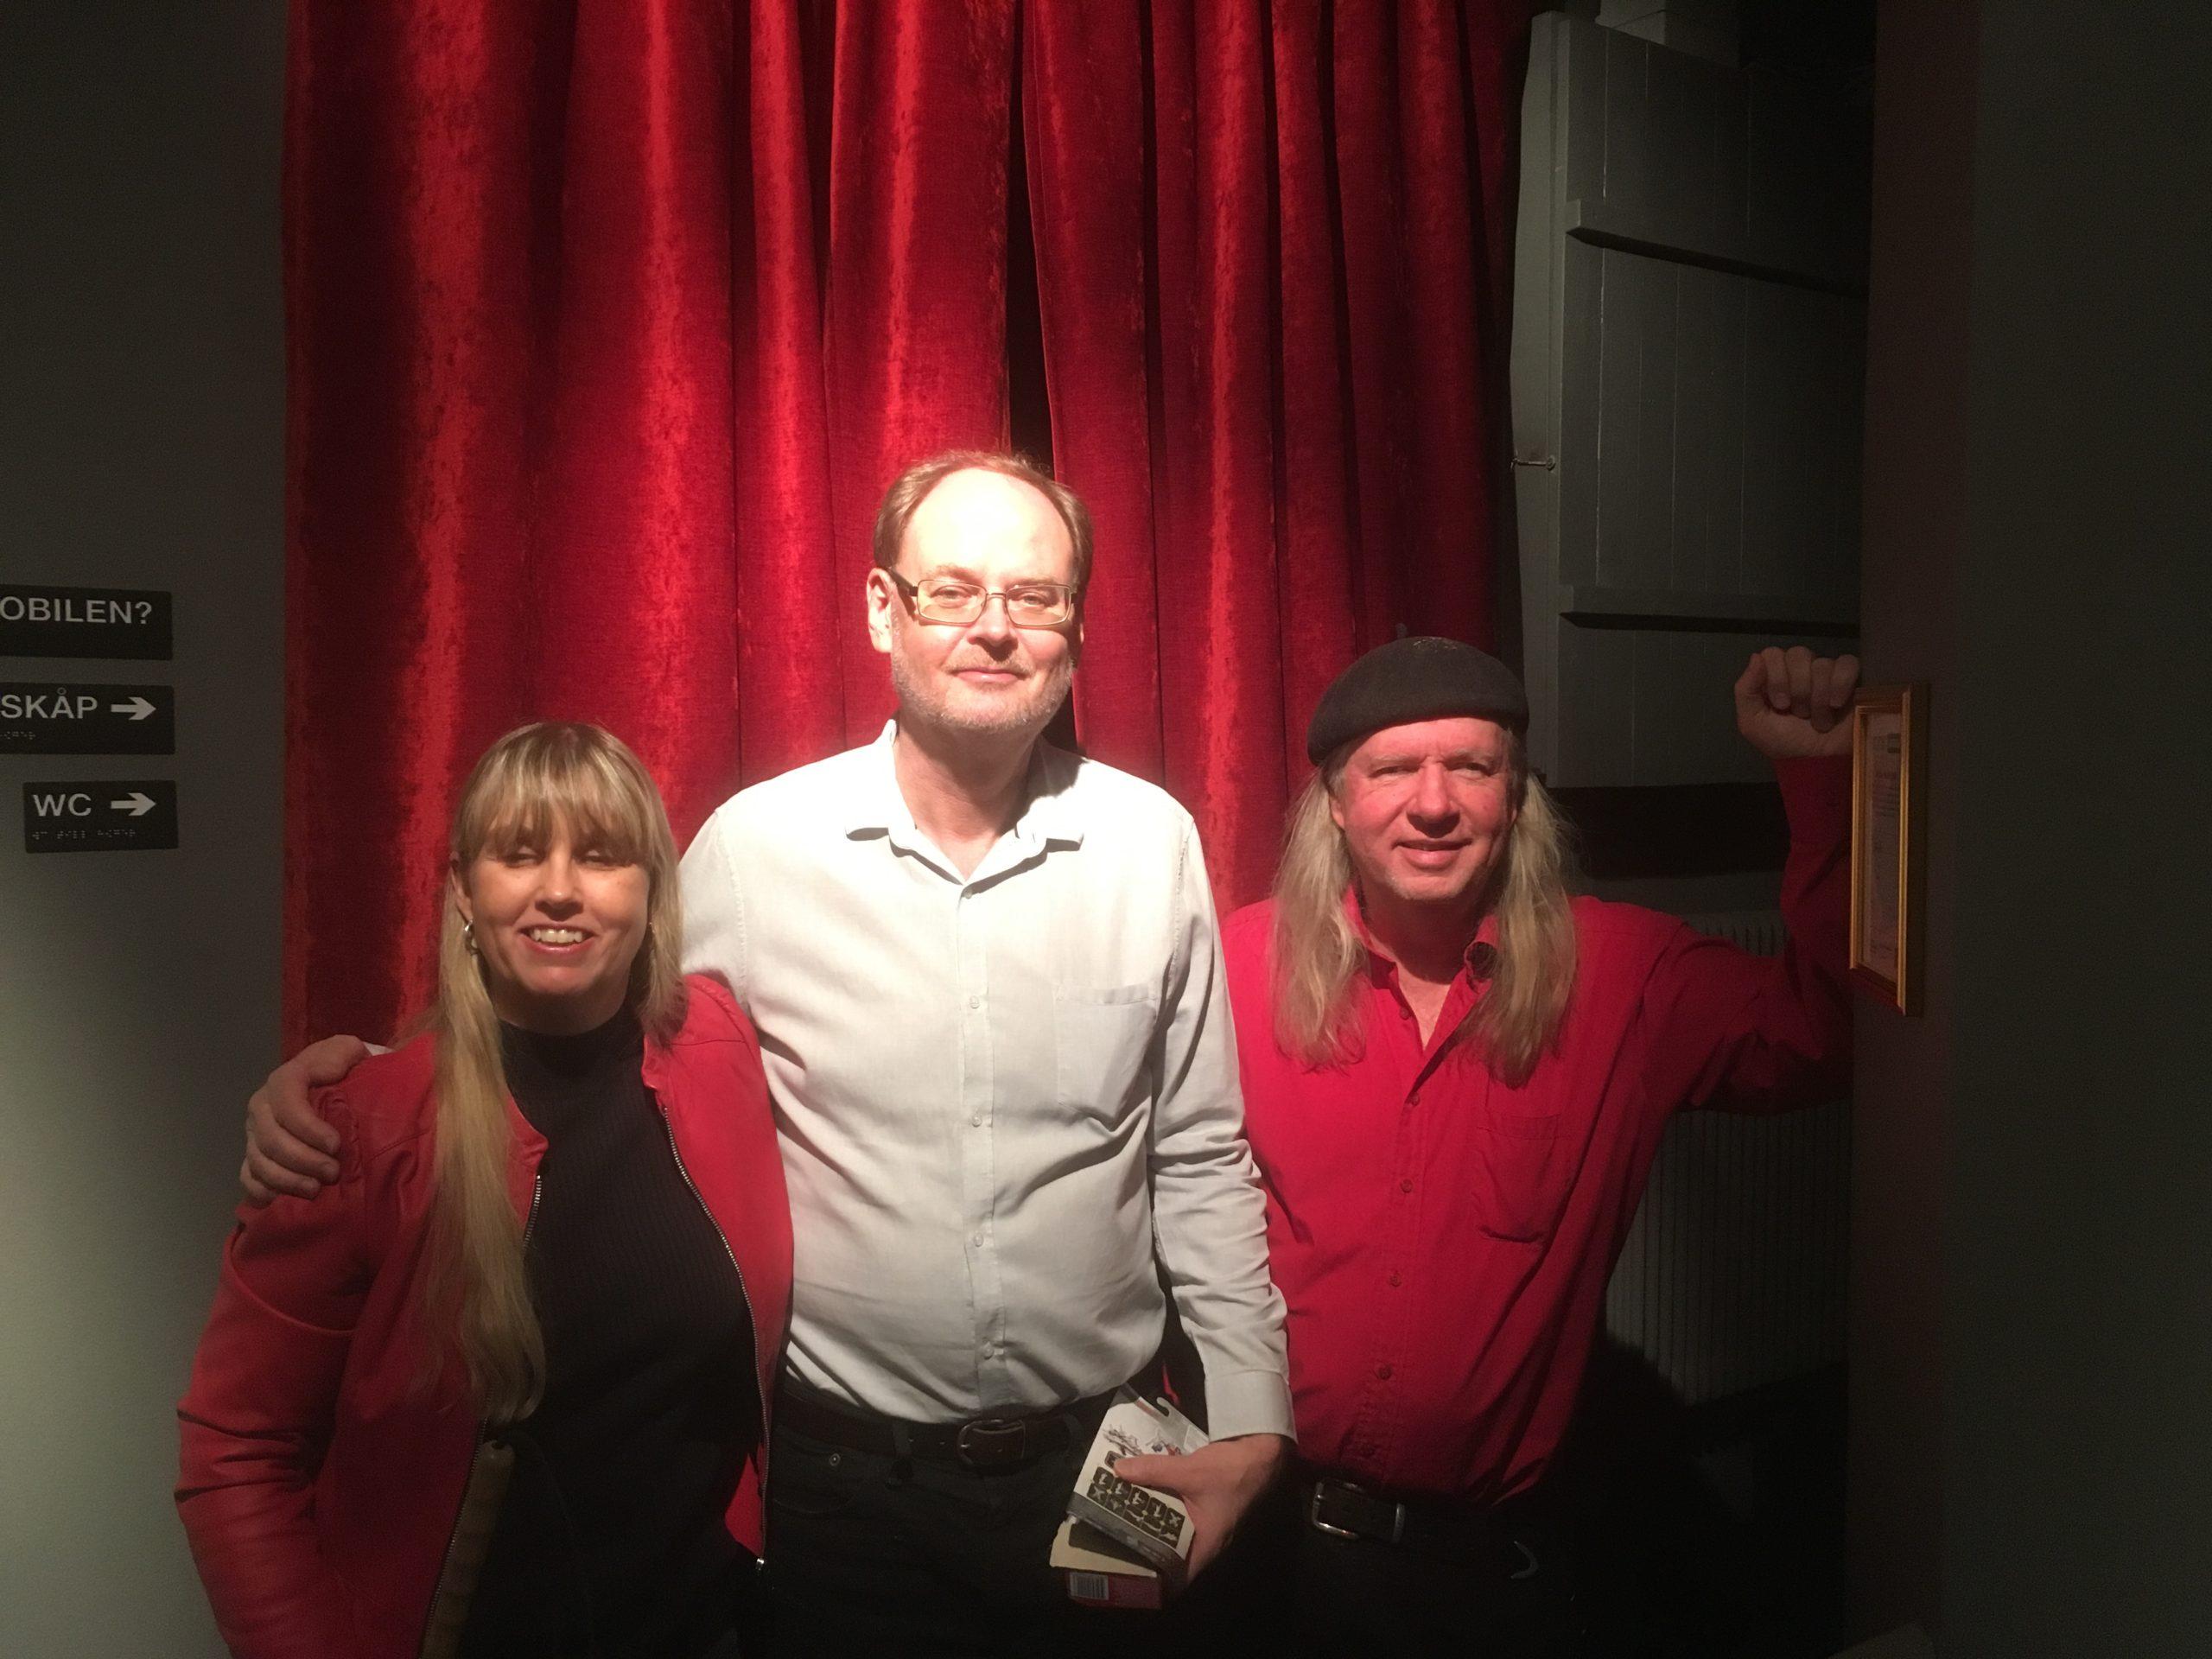 Anna, Clas och Ulf, gruppfoto med röda gardiner som bakgrund. Anna har långt blont hår och har på sig en röd jacka samt svart polotröja. Clas har kort ljusbrunt hår, glasögon och är klädd i en vit skjorta och svarta byxor. Ulf har långt grått hår, svart basker, röd långärmad skjorta och mörka byxor.